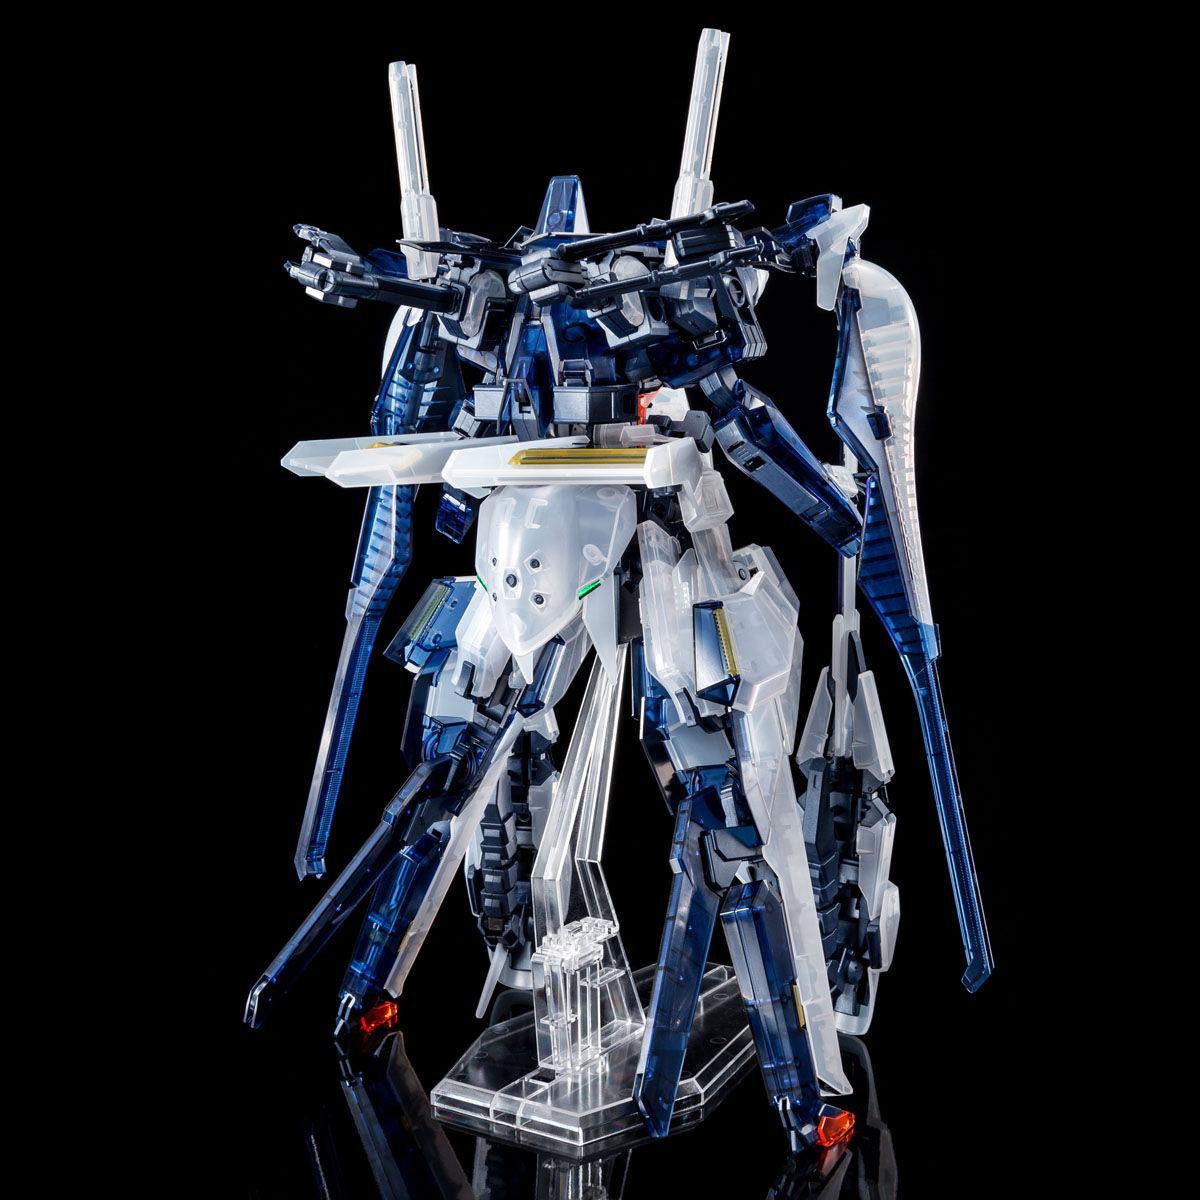 【限定販売】HG 1/144『ガンダムTR-6[ハイゼンスレイII・ラー][クリアカラー]』AOZ プラモデル-003